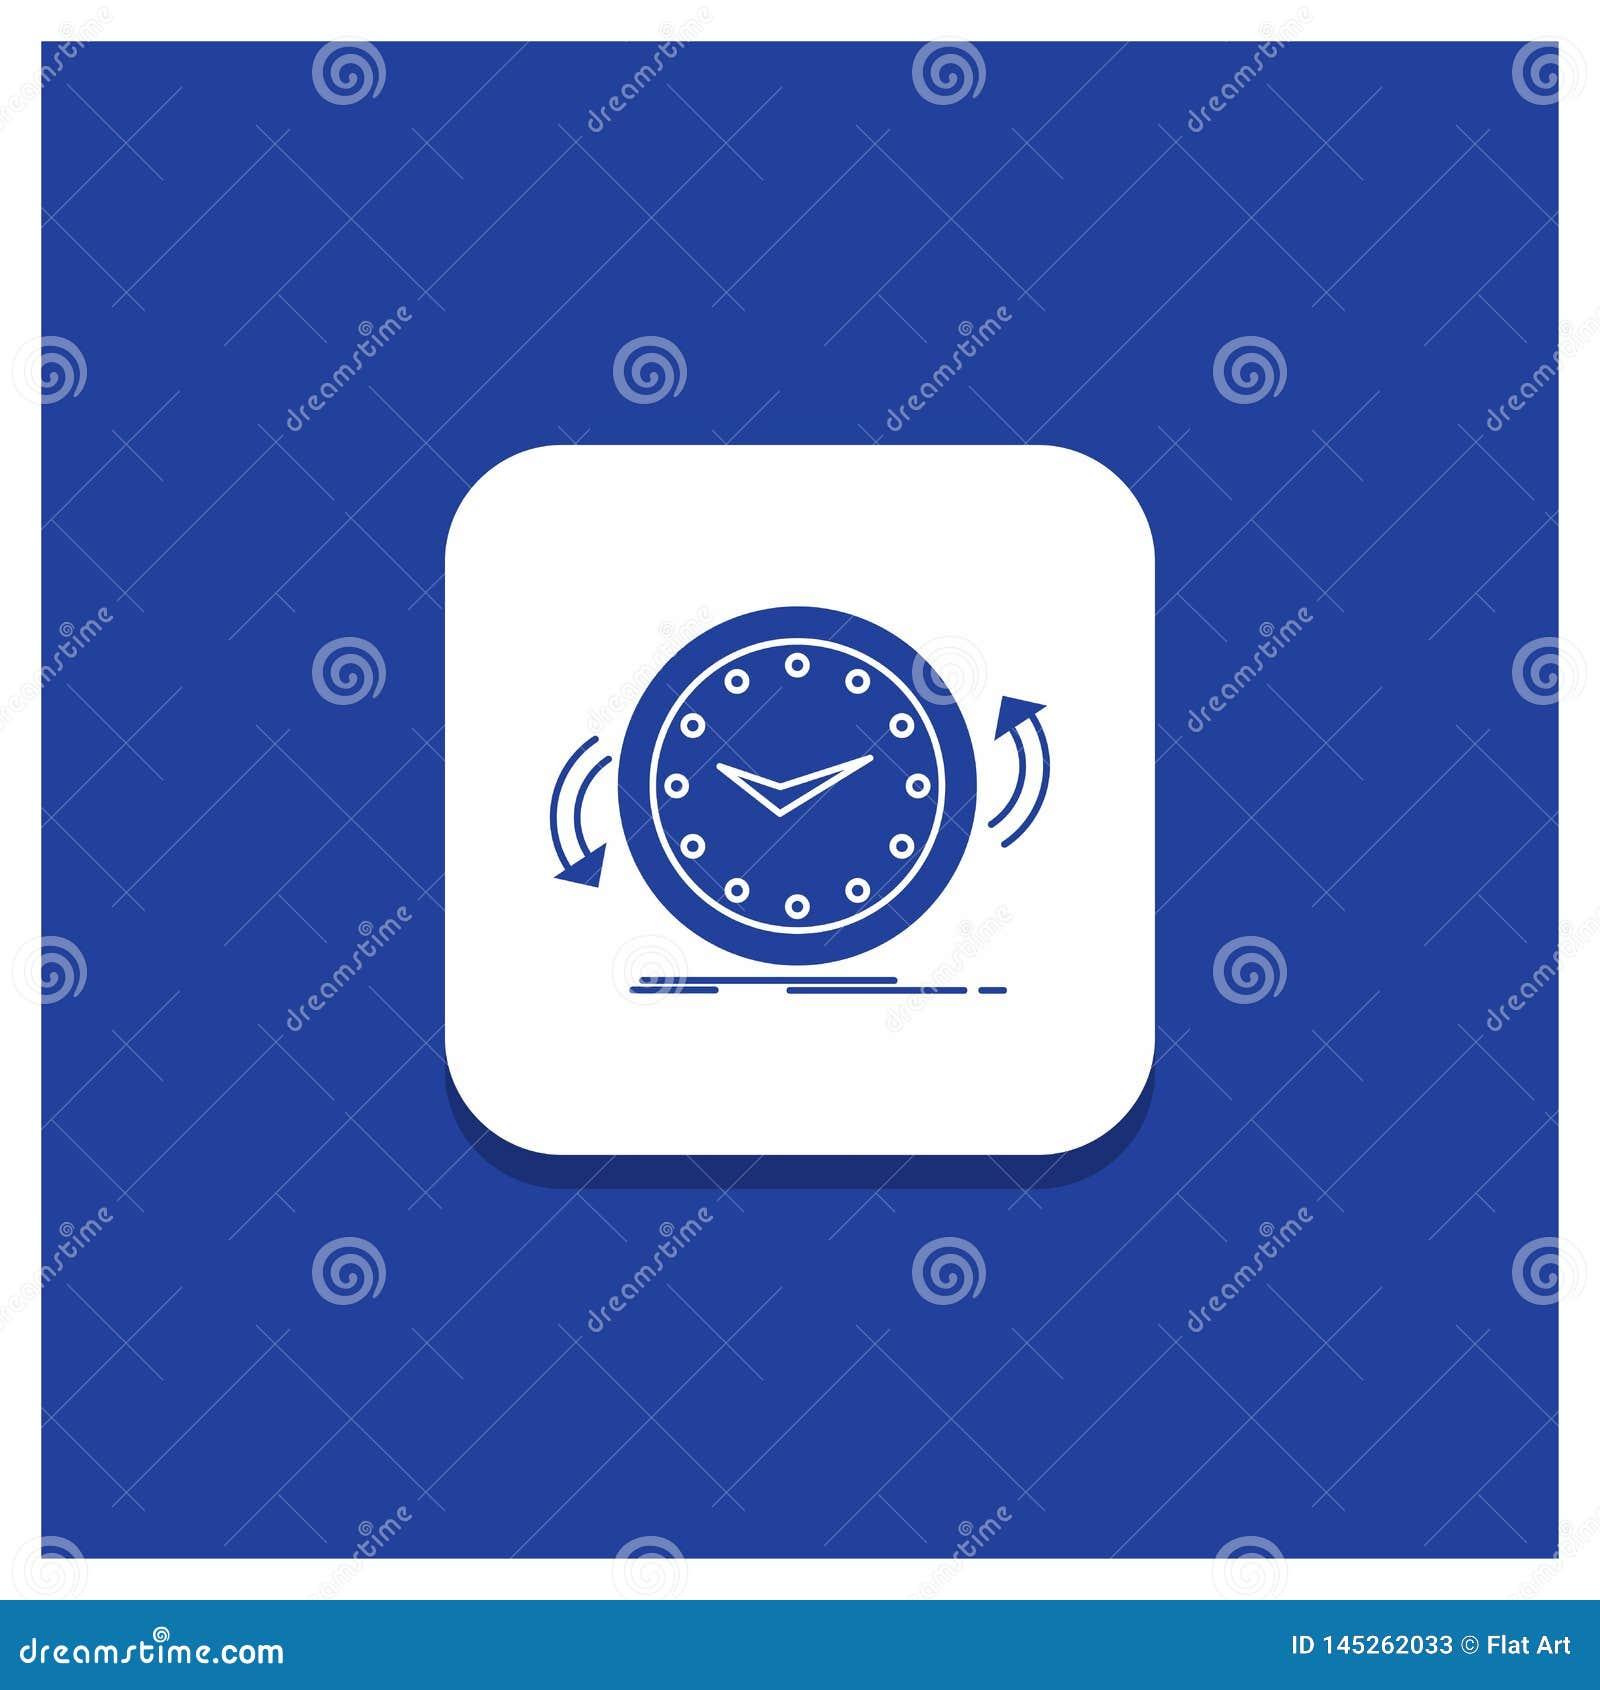 Botón redondo azul para la copia de seguridad, reloj, a la derecha, contrario, icono del Glyph del tiempo